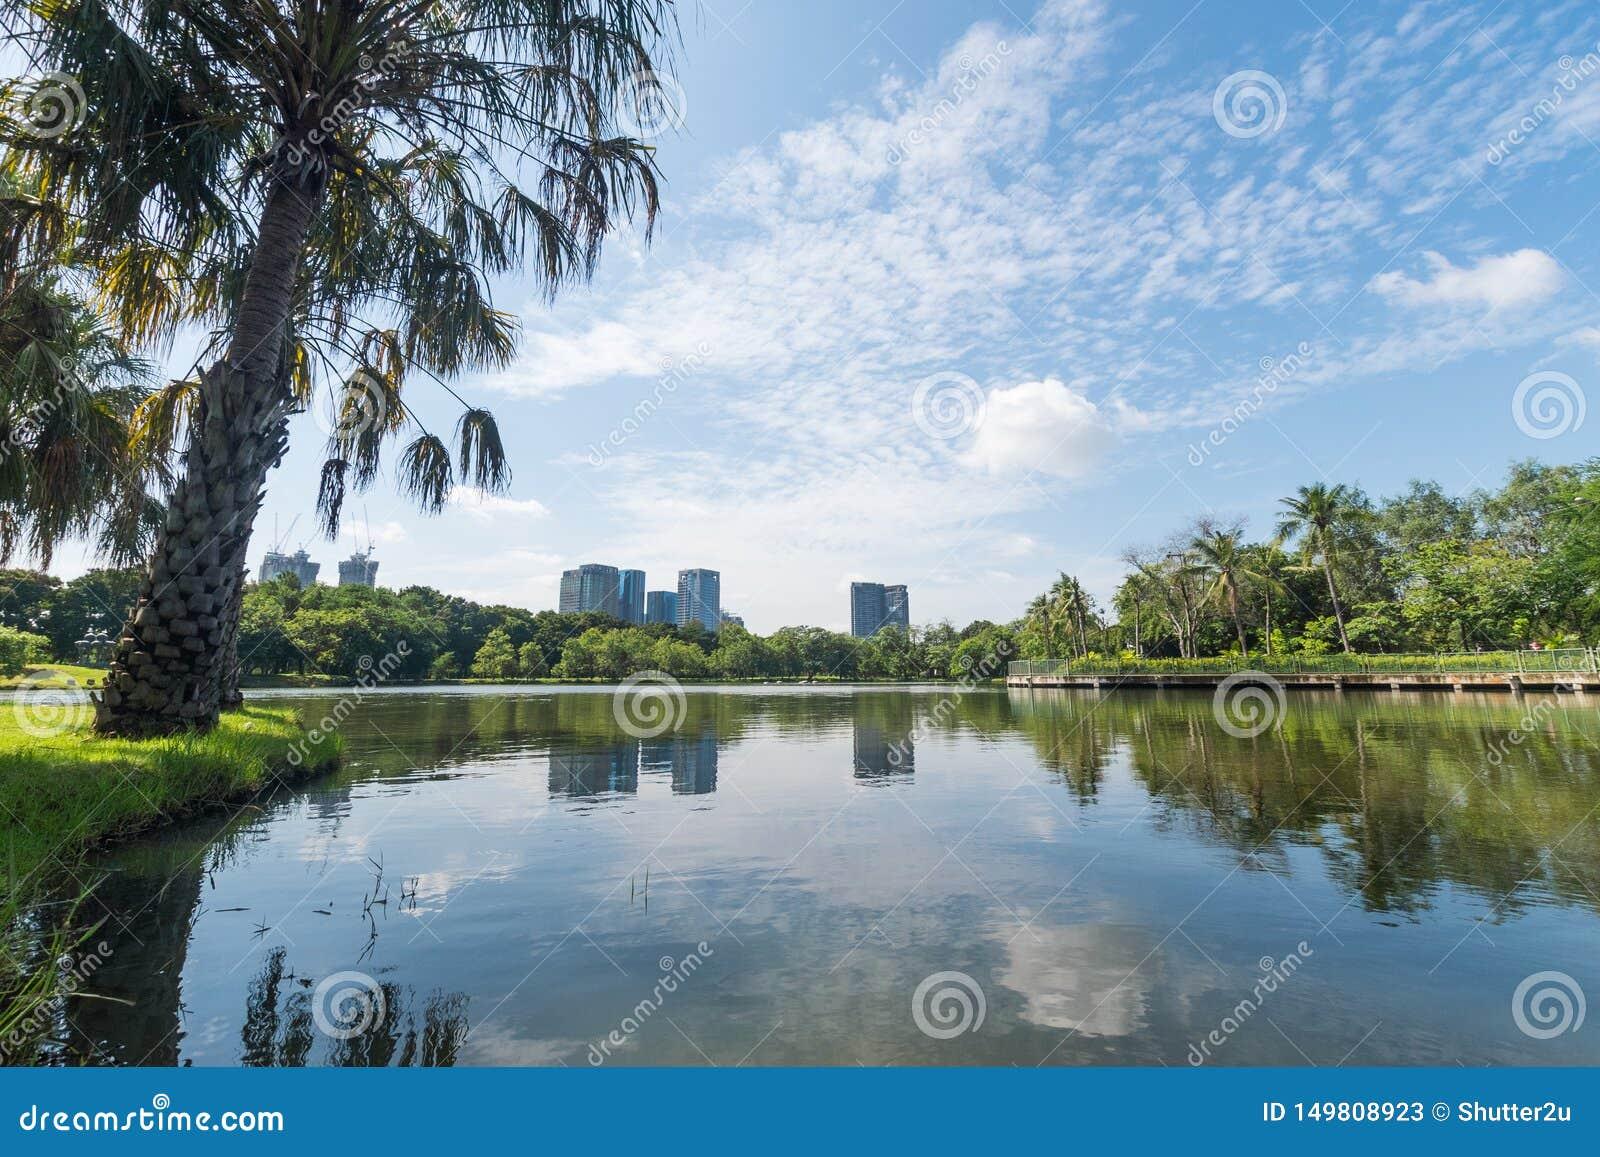 公园在大城市 地方和户外概念 自然和风景题材 曼谷泰国地点